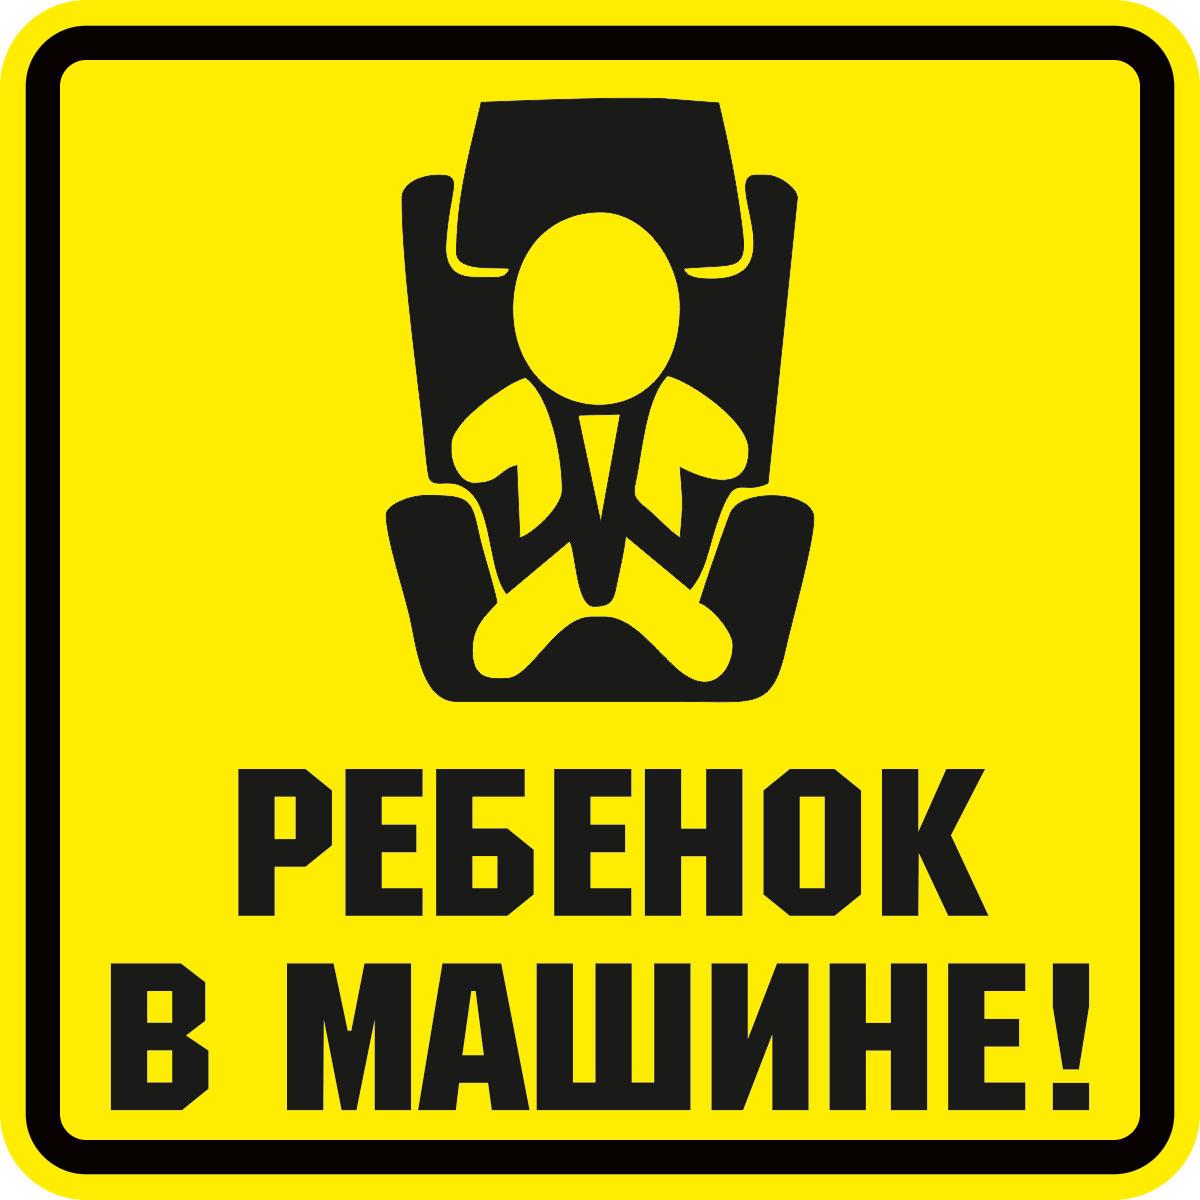 Наклейка автомобильная Оранжевый слоник Ребенок в машине!, виниловая. 150AZ004YBF0156110LAОригинальная наклейка Оранжевый слоник Ребенок в машине! изготовлена из высококачественной виниловой пленки, которая выполняет не только декоративную функцию, но и защищает кузов автомобиля от небольших механических повреждений, либо скрывает уже существующие.Виниловые наклейки на автомобиль - это не только красиво, но еще и быстро! Всего за несколько минут вы можете полностью преобразить свой автомобиль, сделать его ярким, необычным, особенным и неповторимым!